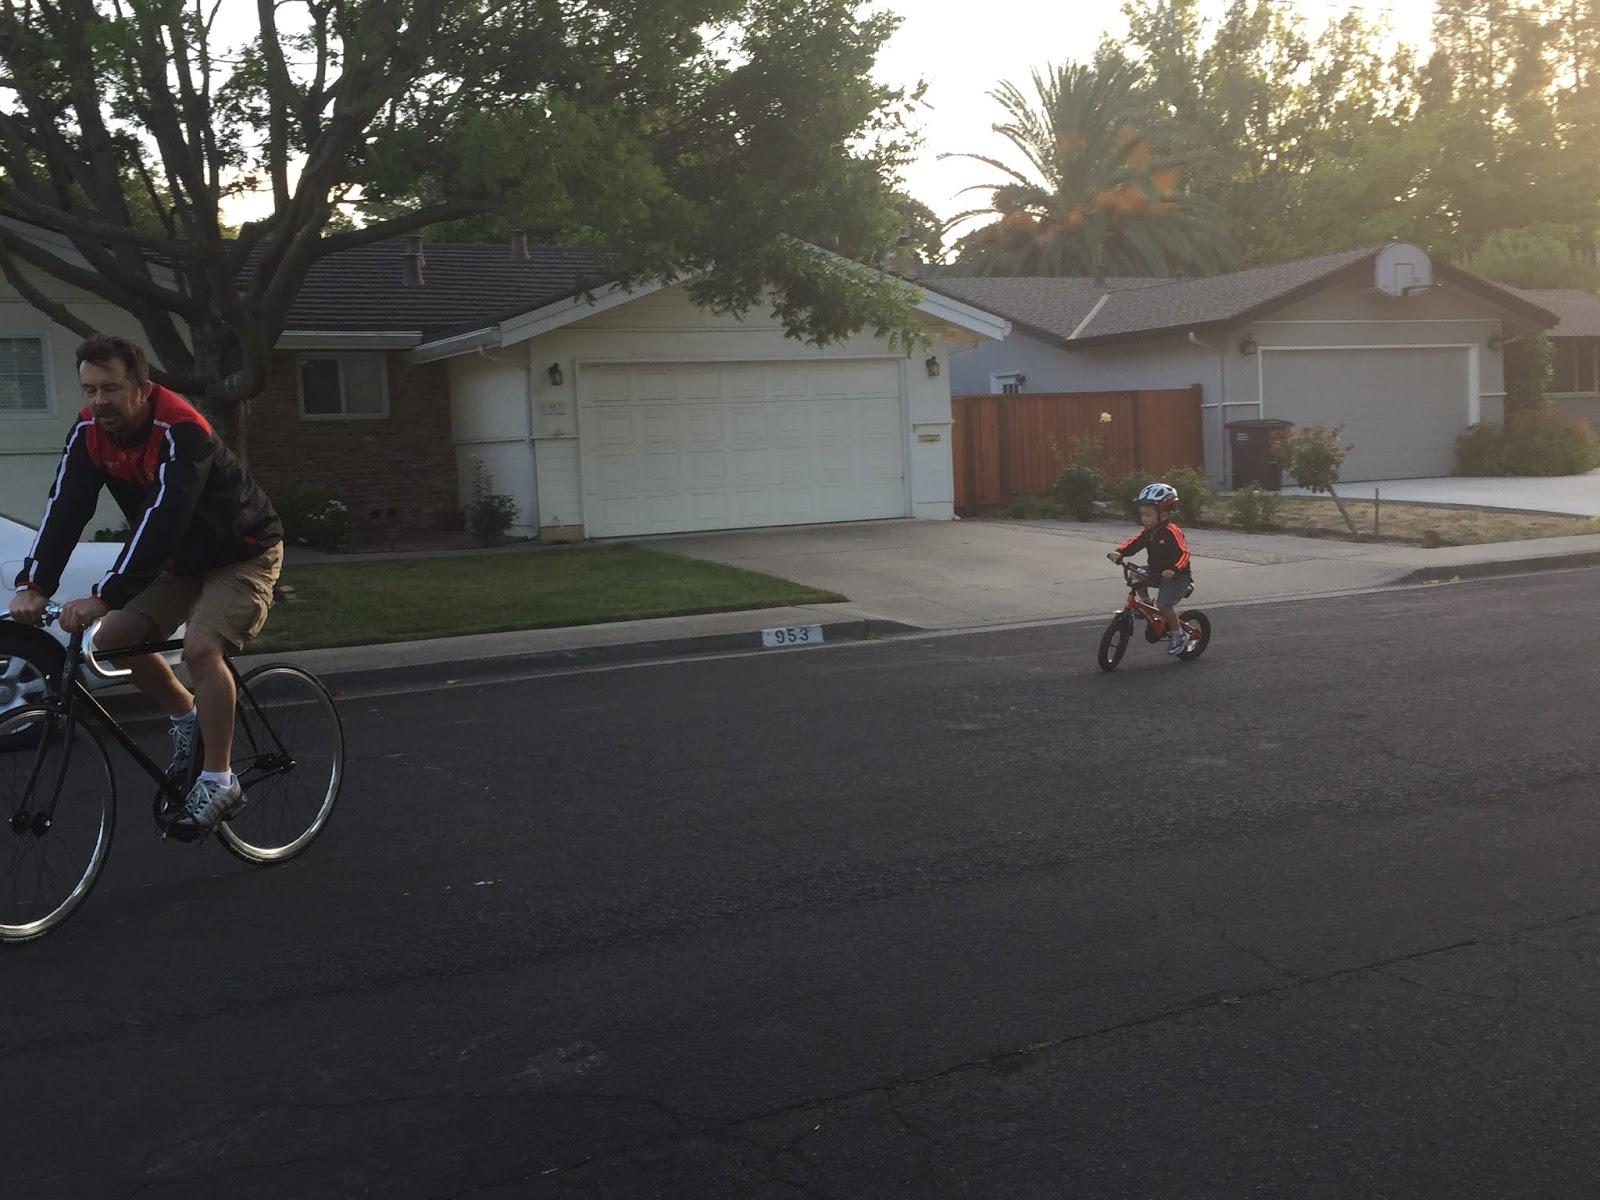 自転車の 自転車 補助輪 : 補助輪なし自転車で